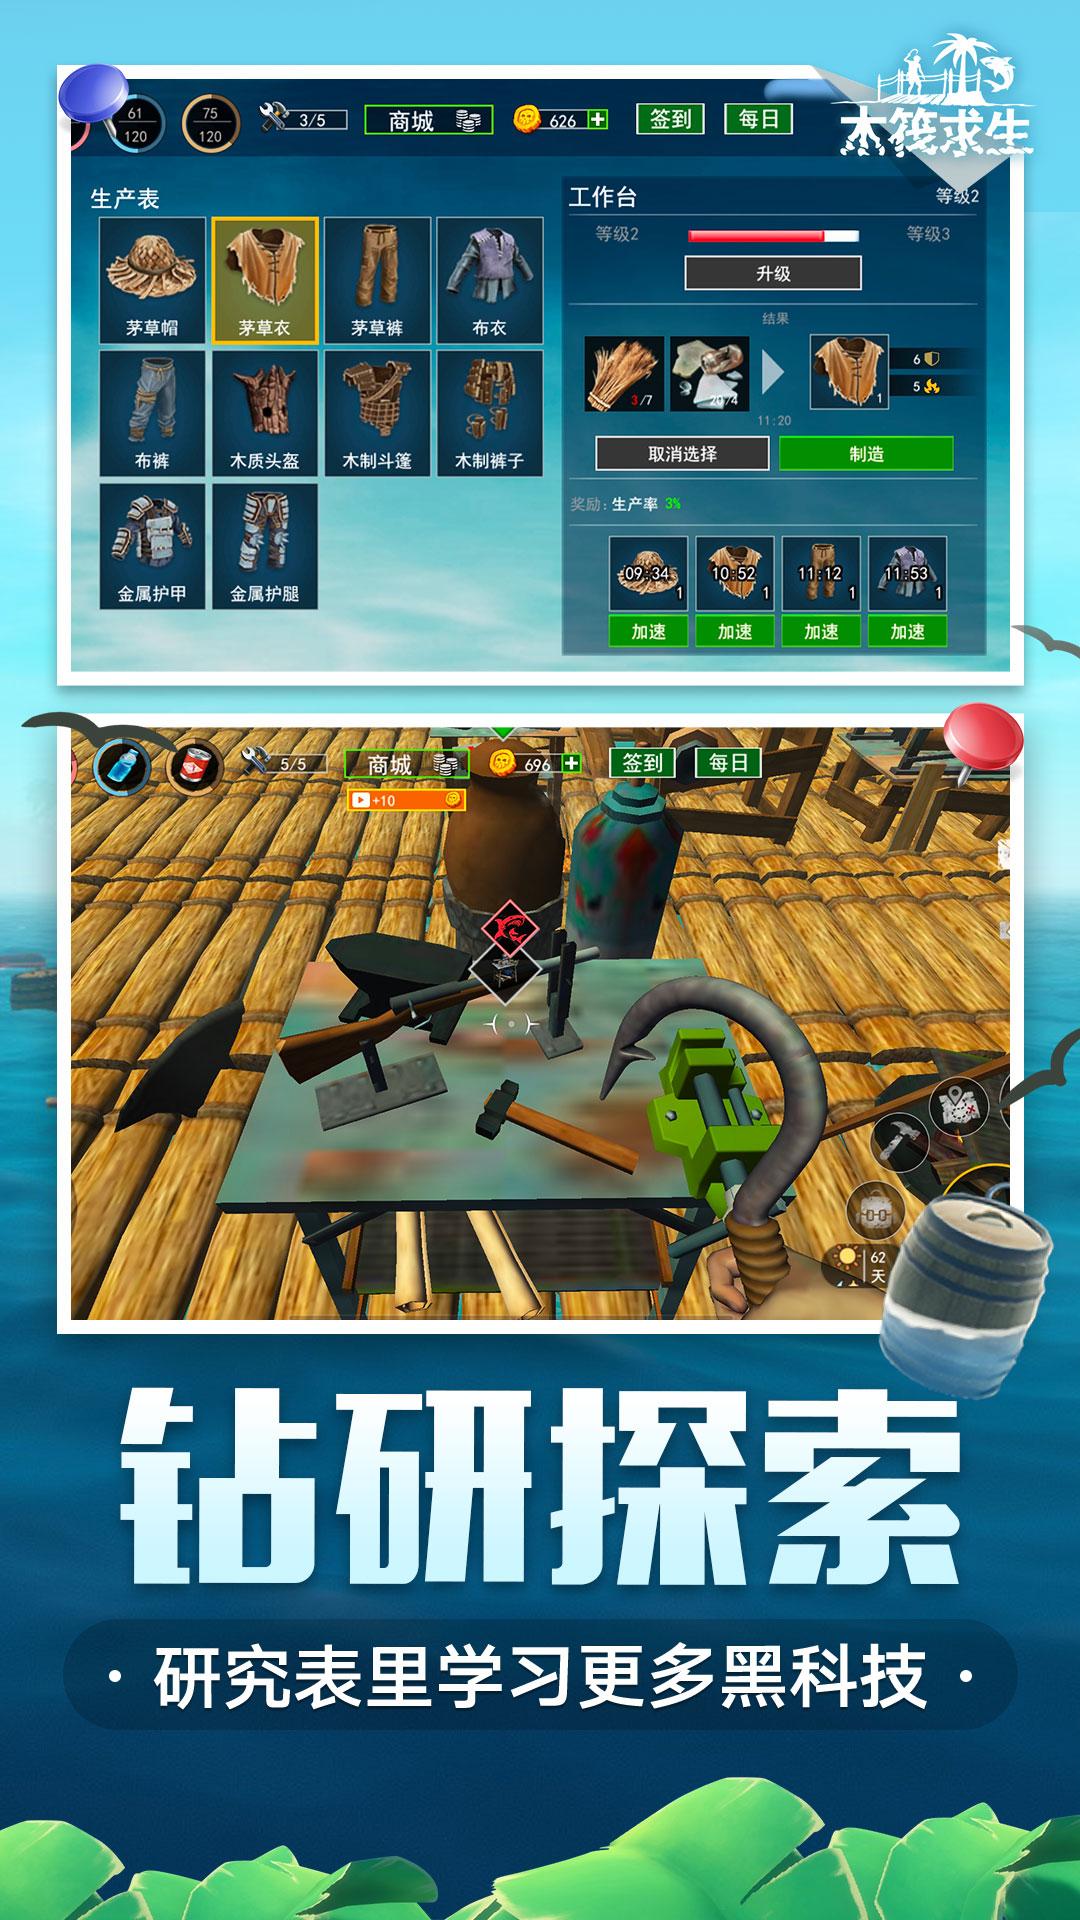 木筏求生游戏-木筏求生正式版下载-木筏求生安卓/IOS/PC版-飞翔游戏库